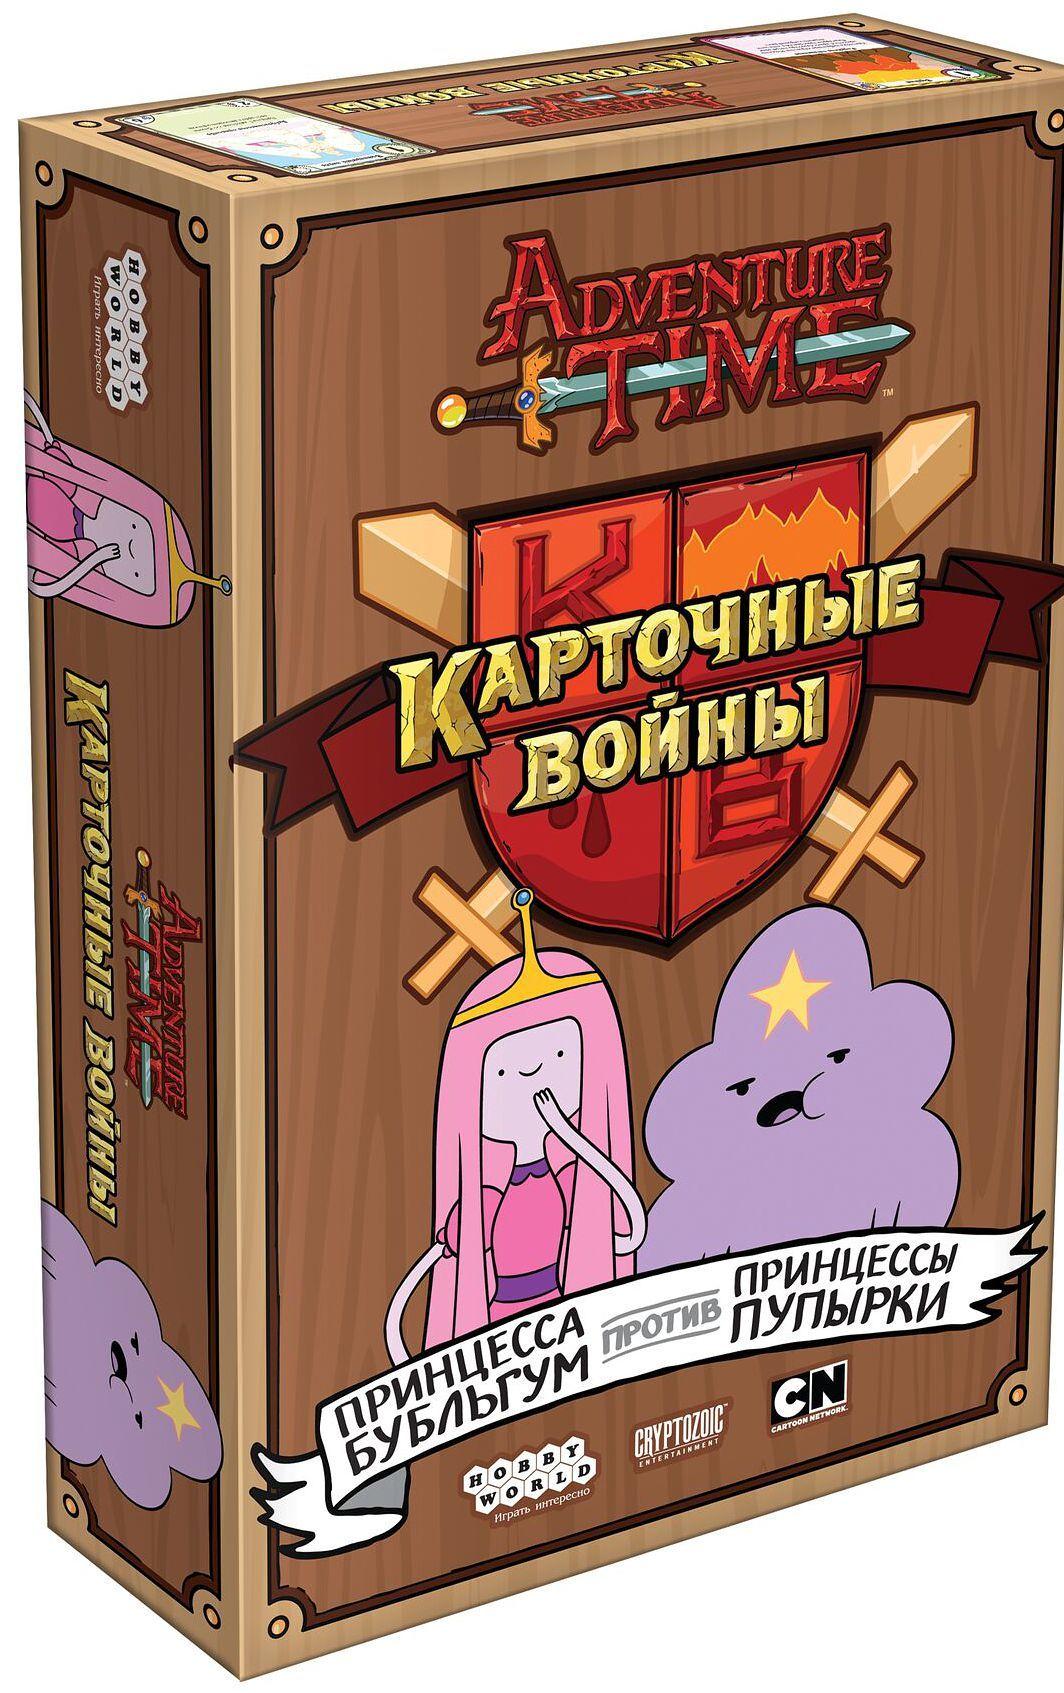 Настольная игра Время приключений. Карточные войны: Принцесса Бубльгум против Принцессы Пупырки